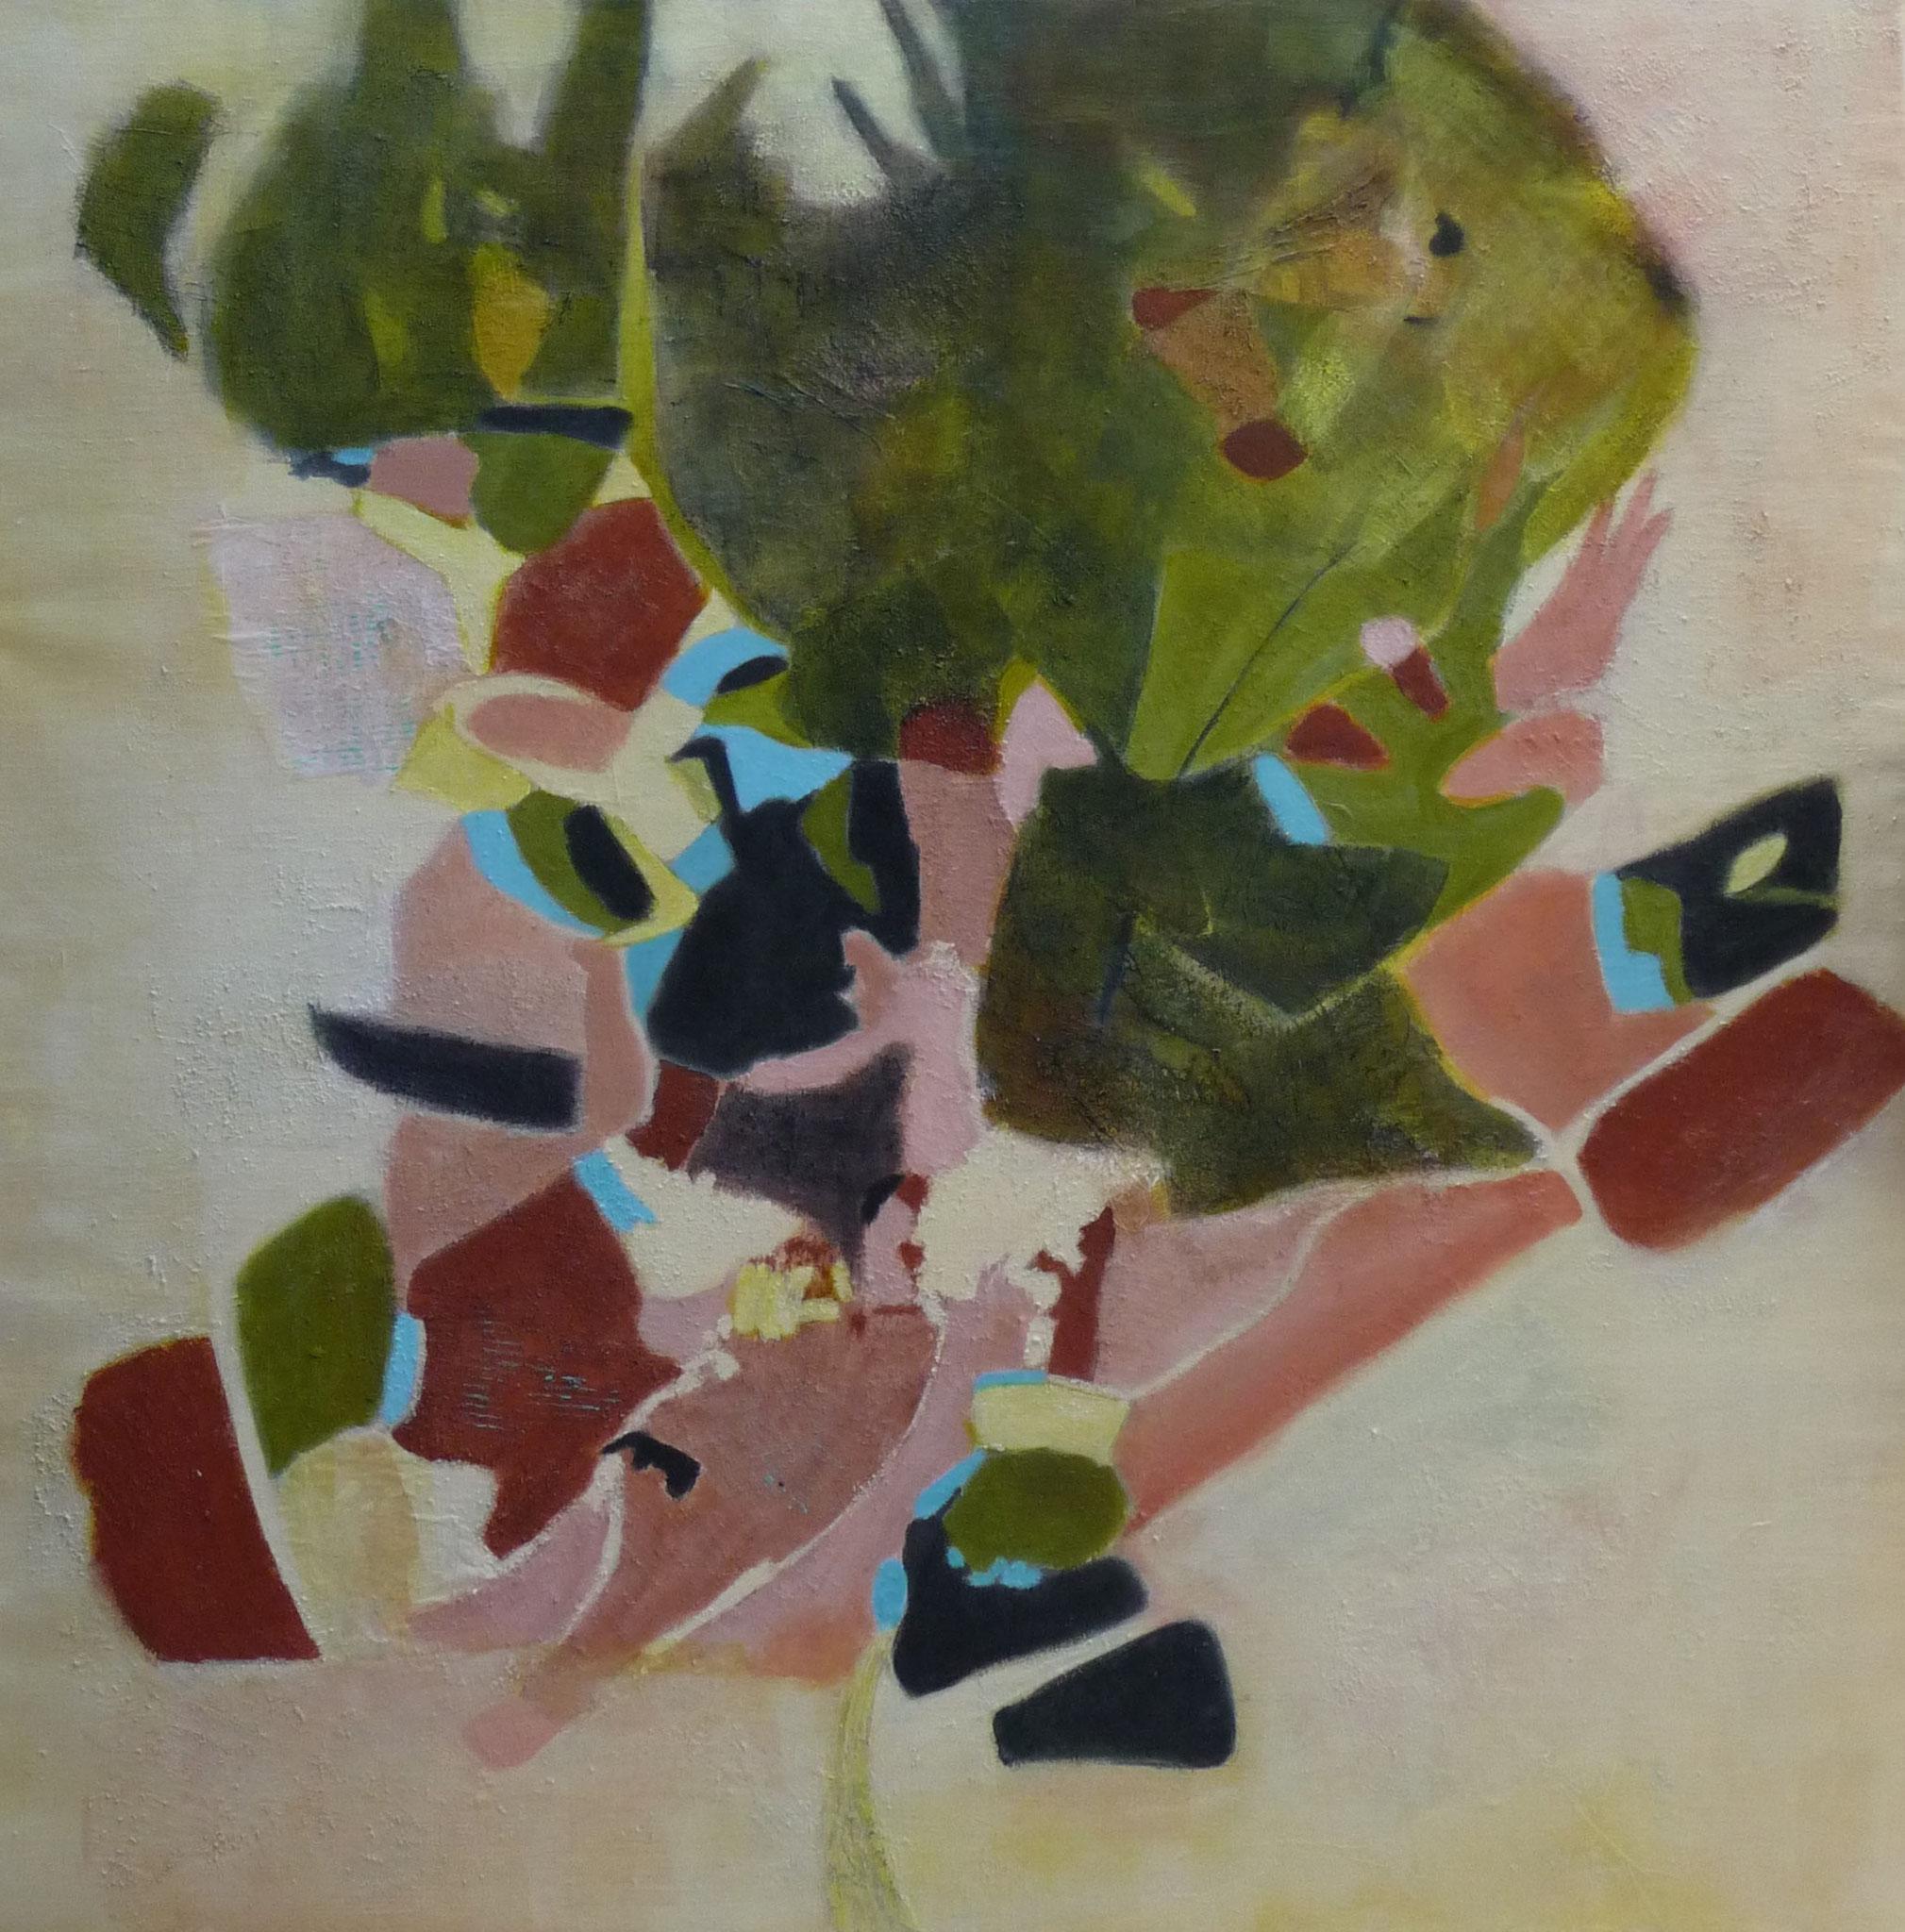 L'arbre des hasards - 2019 - acrylique sur toile - 100 x 100